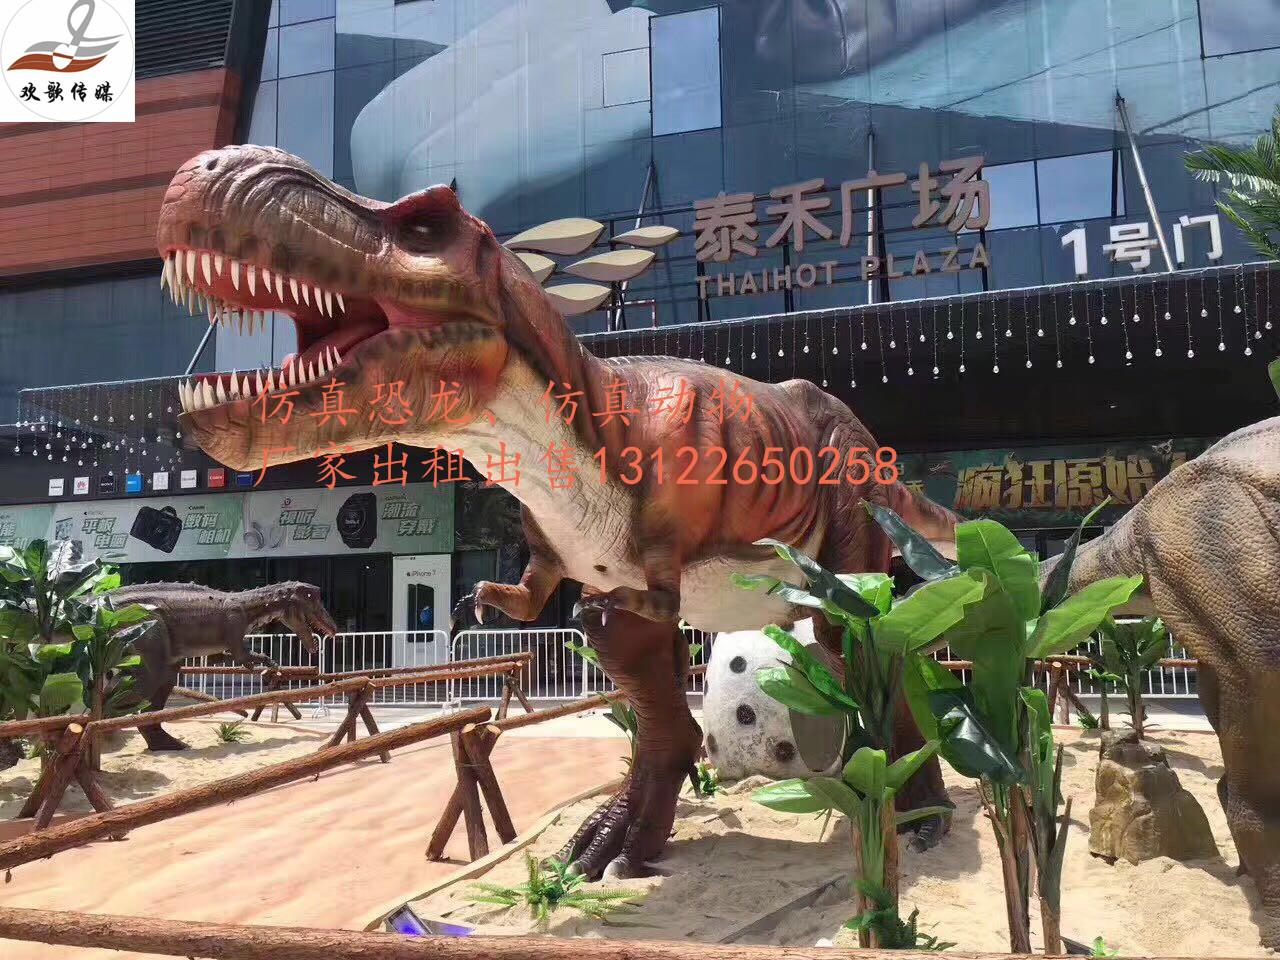 仿真恐龙生产基地,恐龙出租,仿真恐龙厂家